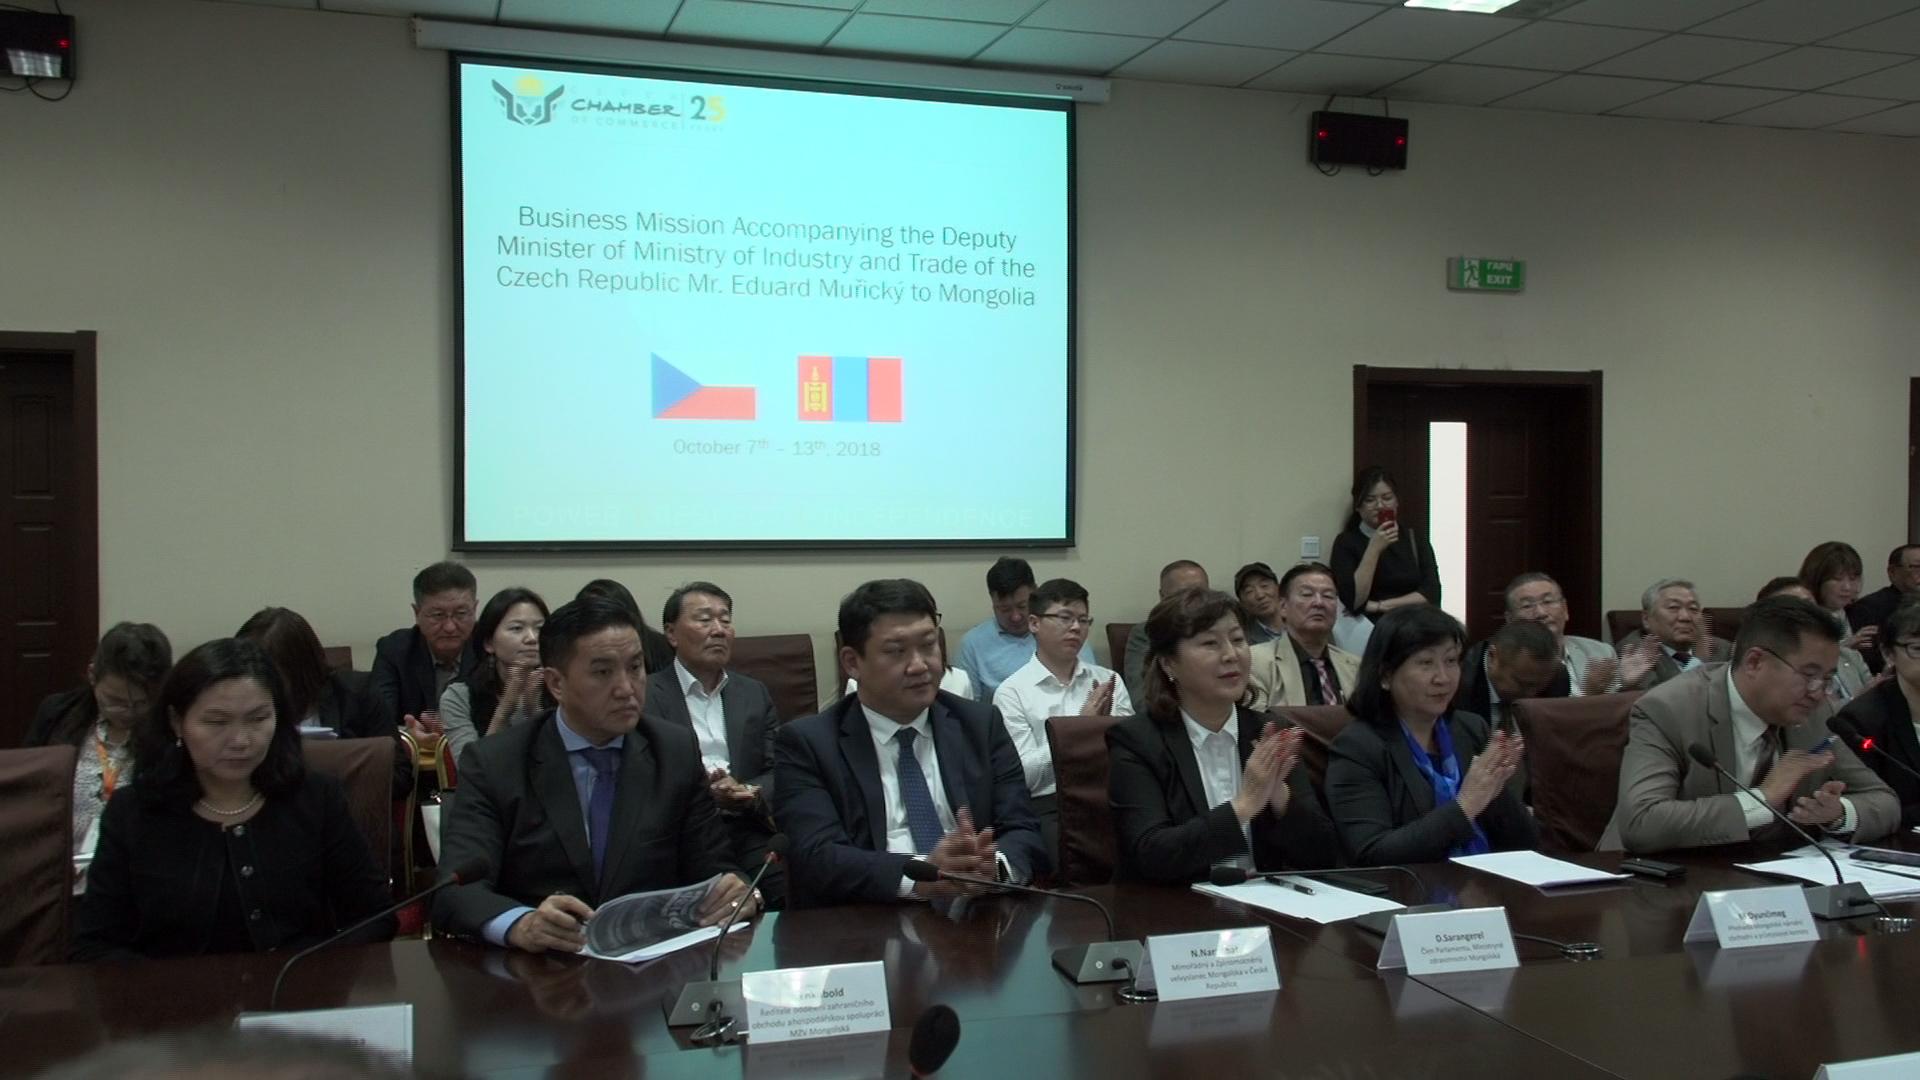 Монгол-Чехийн бизнес уулзалт боллоо